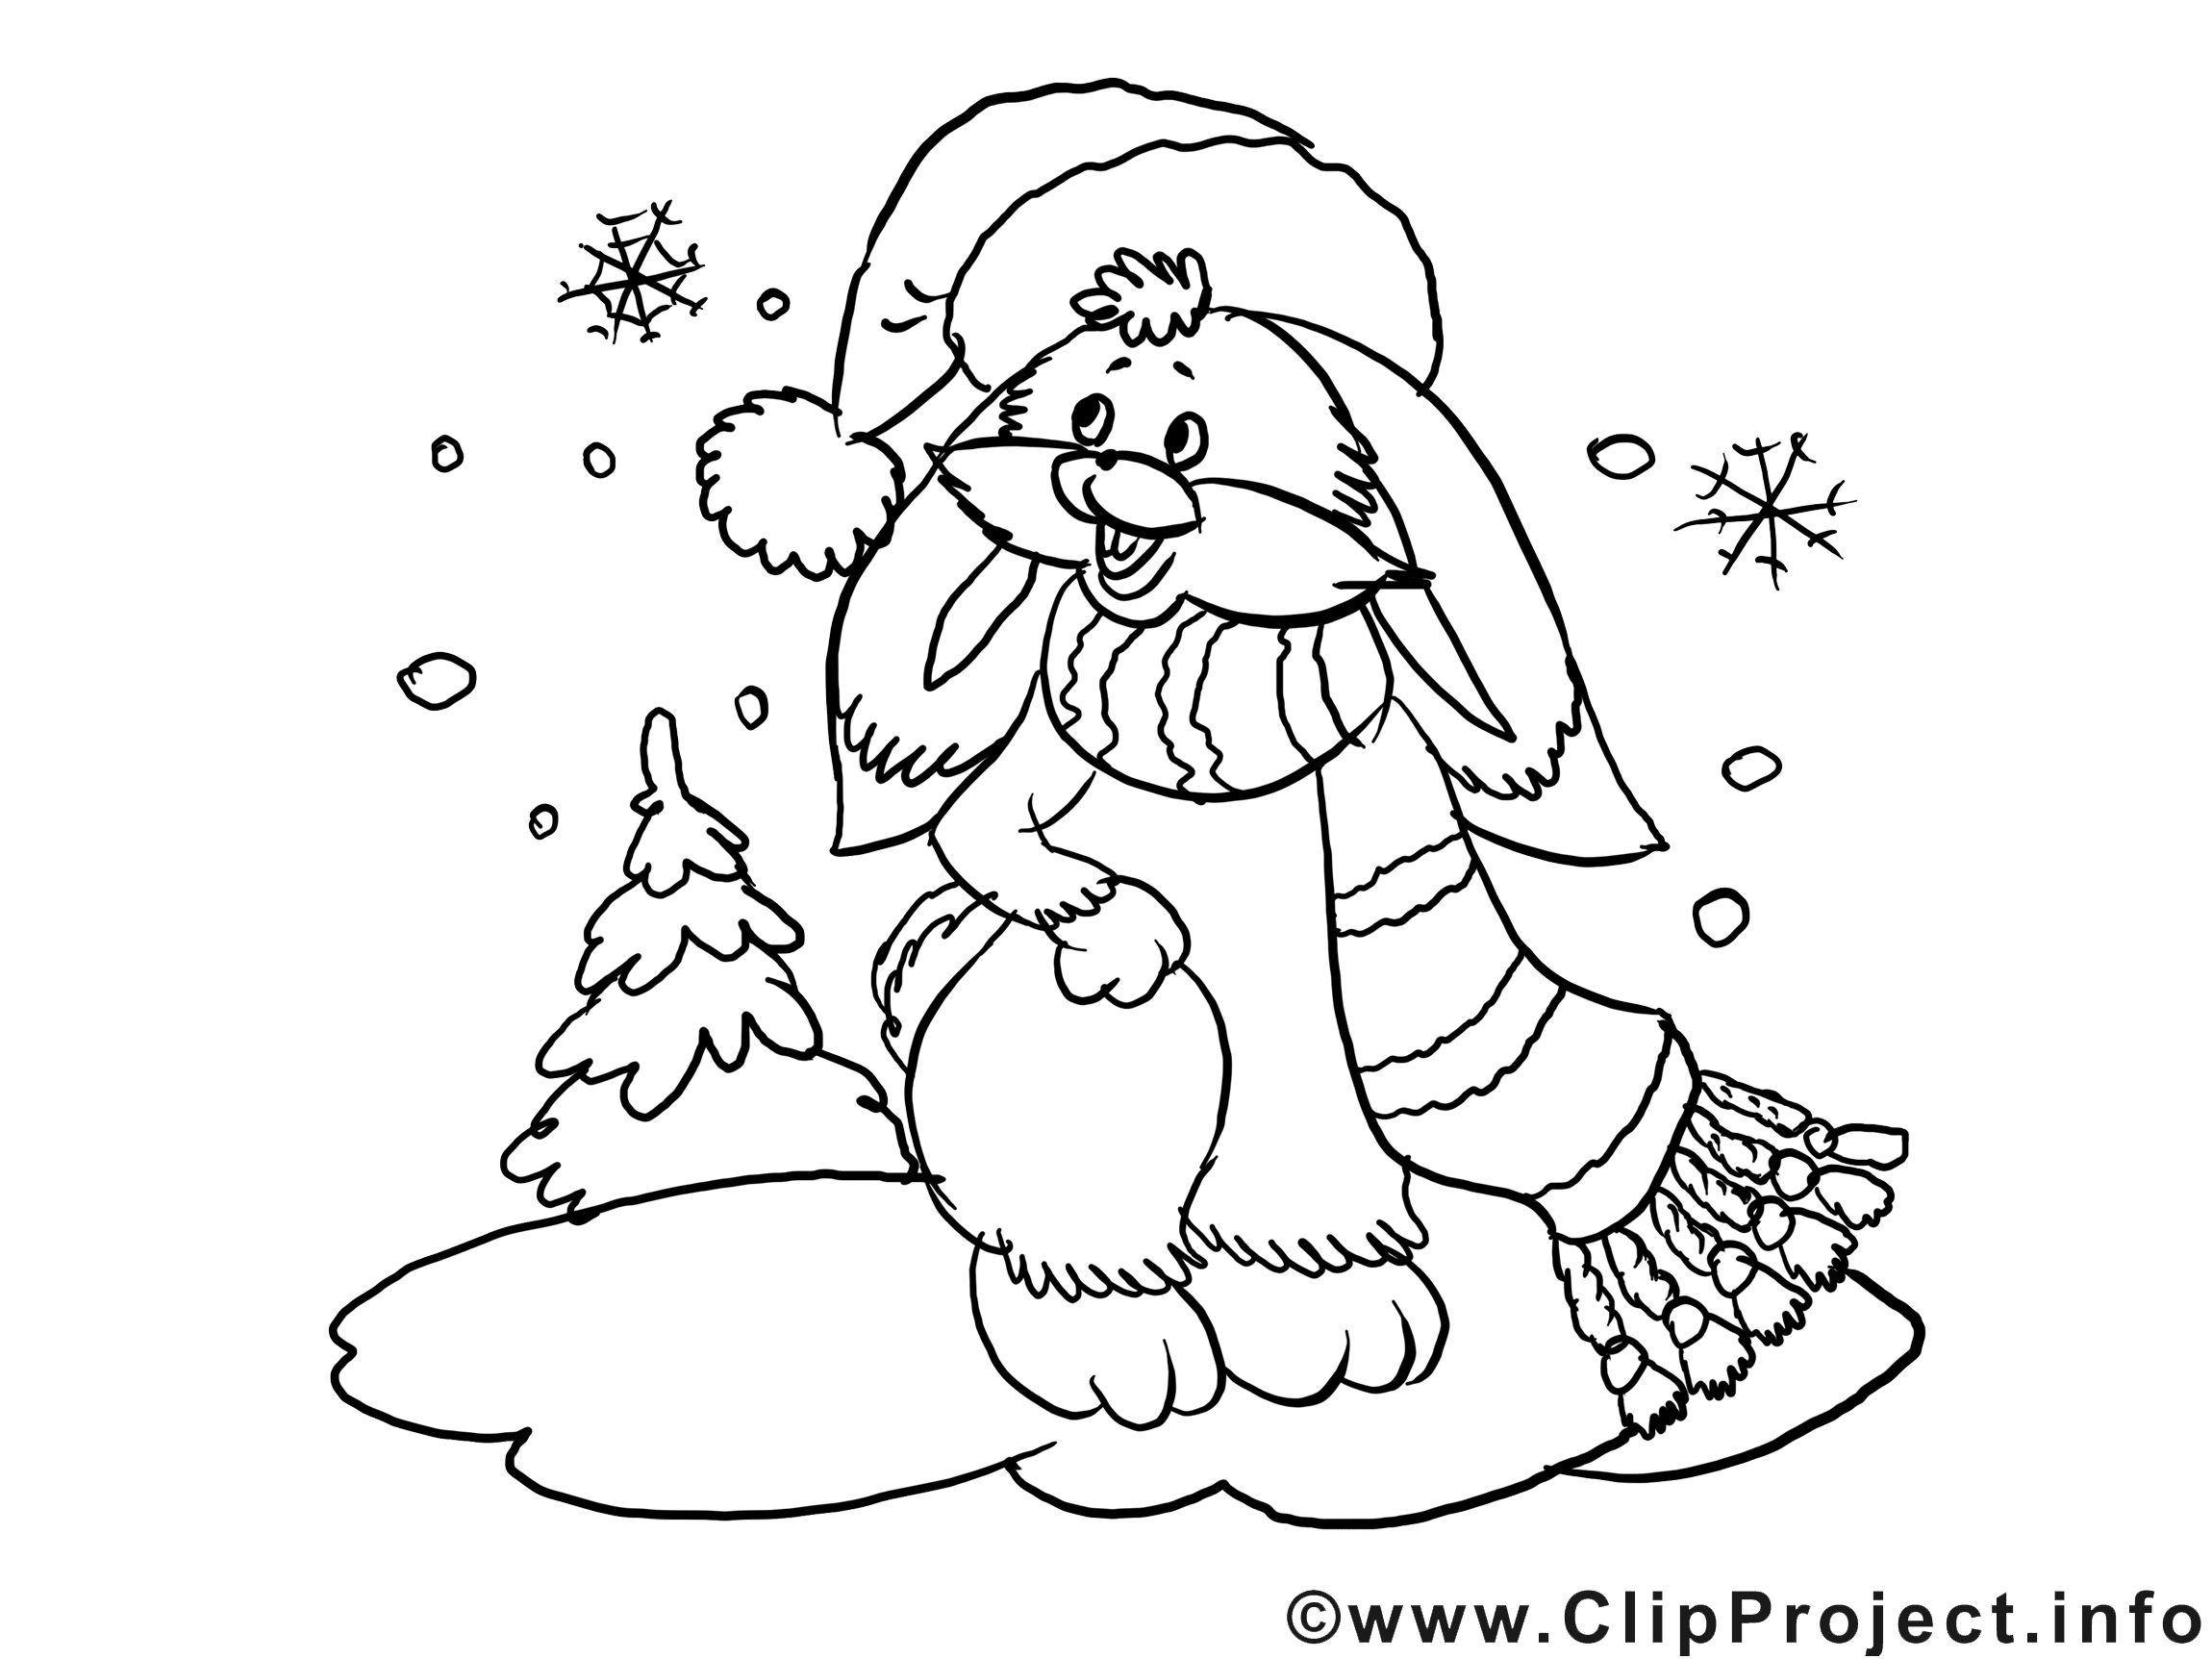 Kostenloses Ausmalbild Hase Im Winter Uber Malvorlagen Winter Idee Neu 20 Ausmalbilder Tiere Im Winter Kostenlos Coloring Pages Art Female Sketch